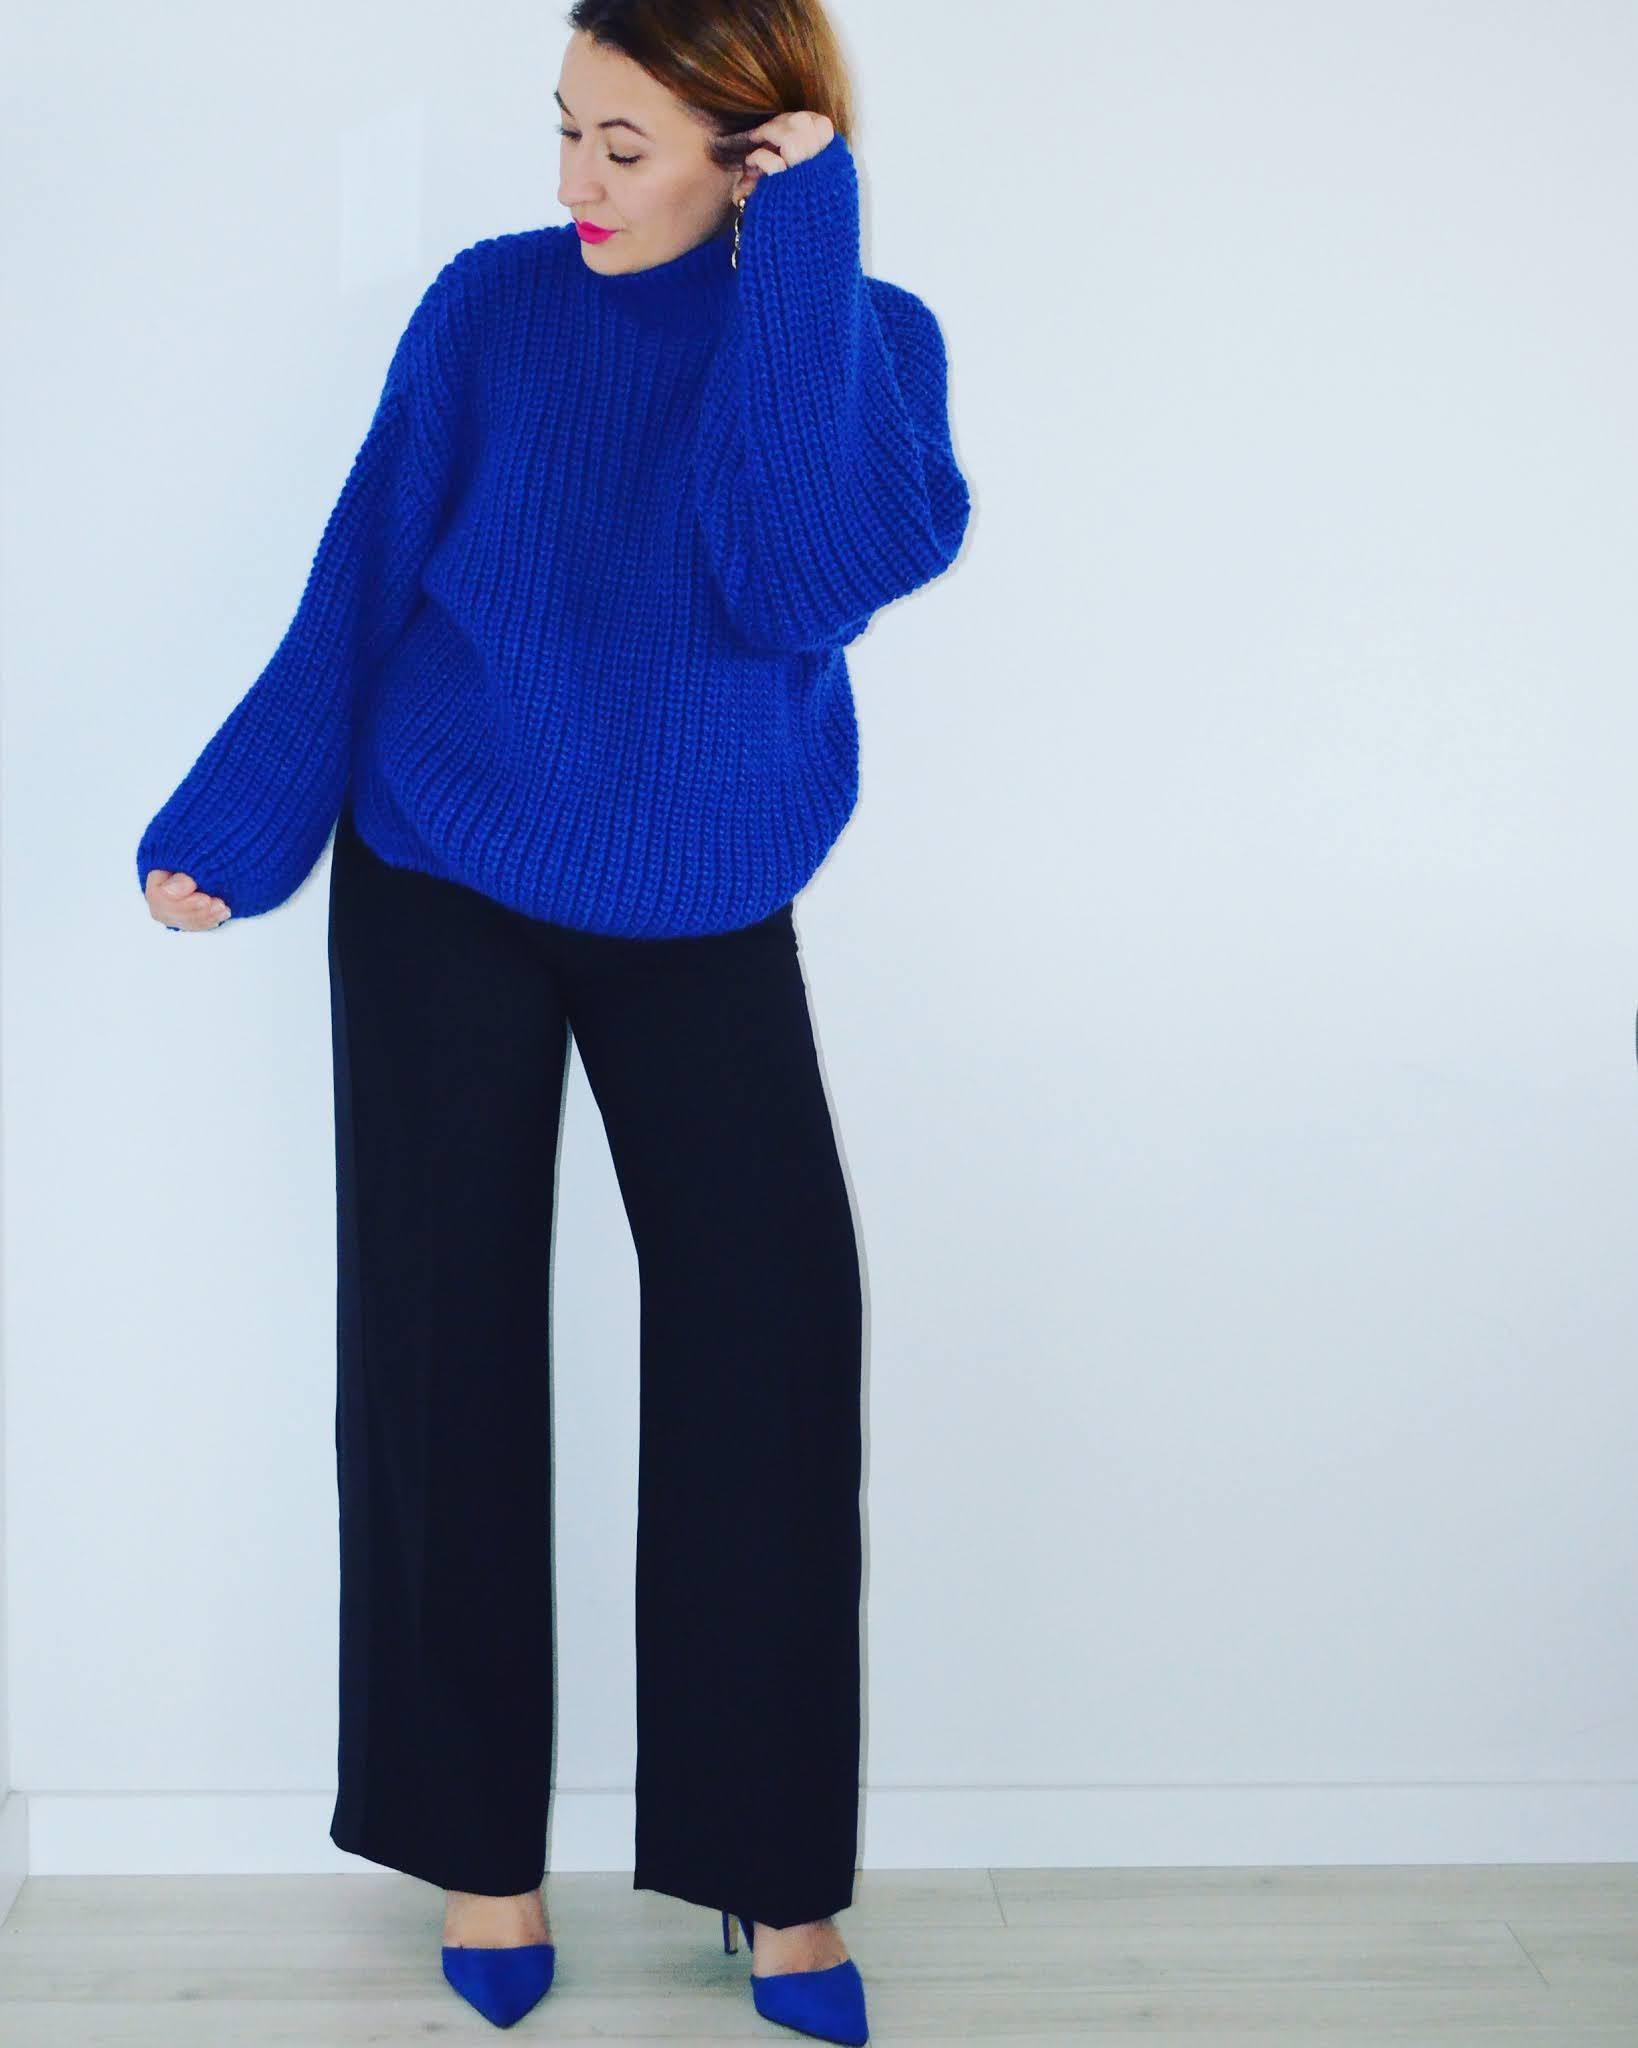 Kobaltowy Swetr Laurella;Laurella Cobalt Sweater;www.adriana-style.com;blogerka modowa 40+;blogerka 40+;styl 40+;kobieta po czterdziestce;spodnie z szeroką nogawką;kobaltowe szpilki;moda;fashion;